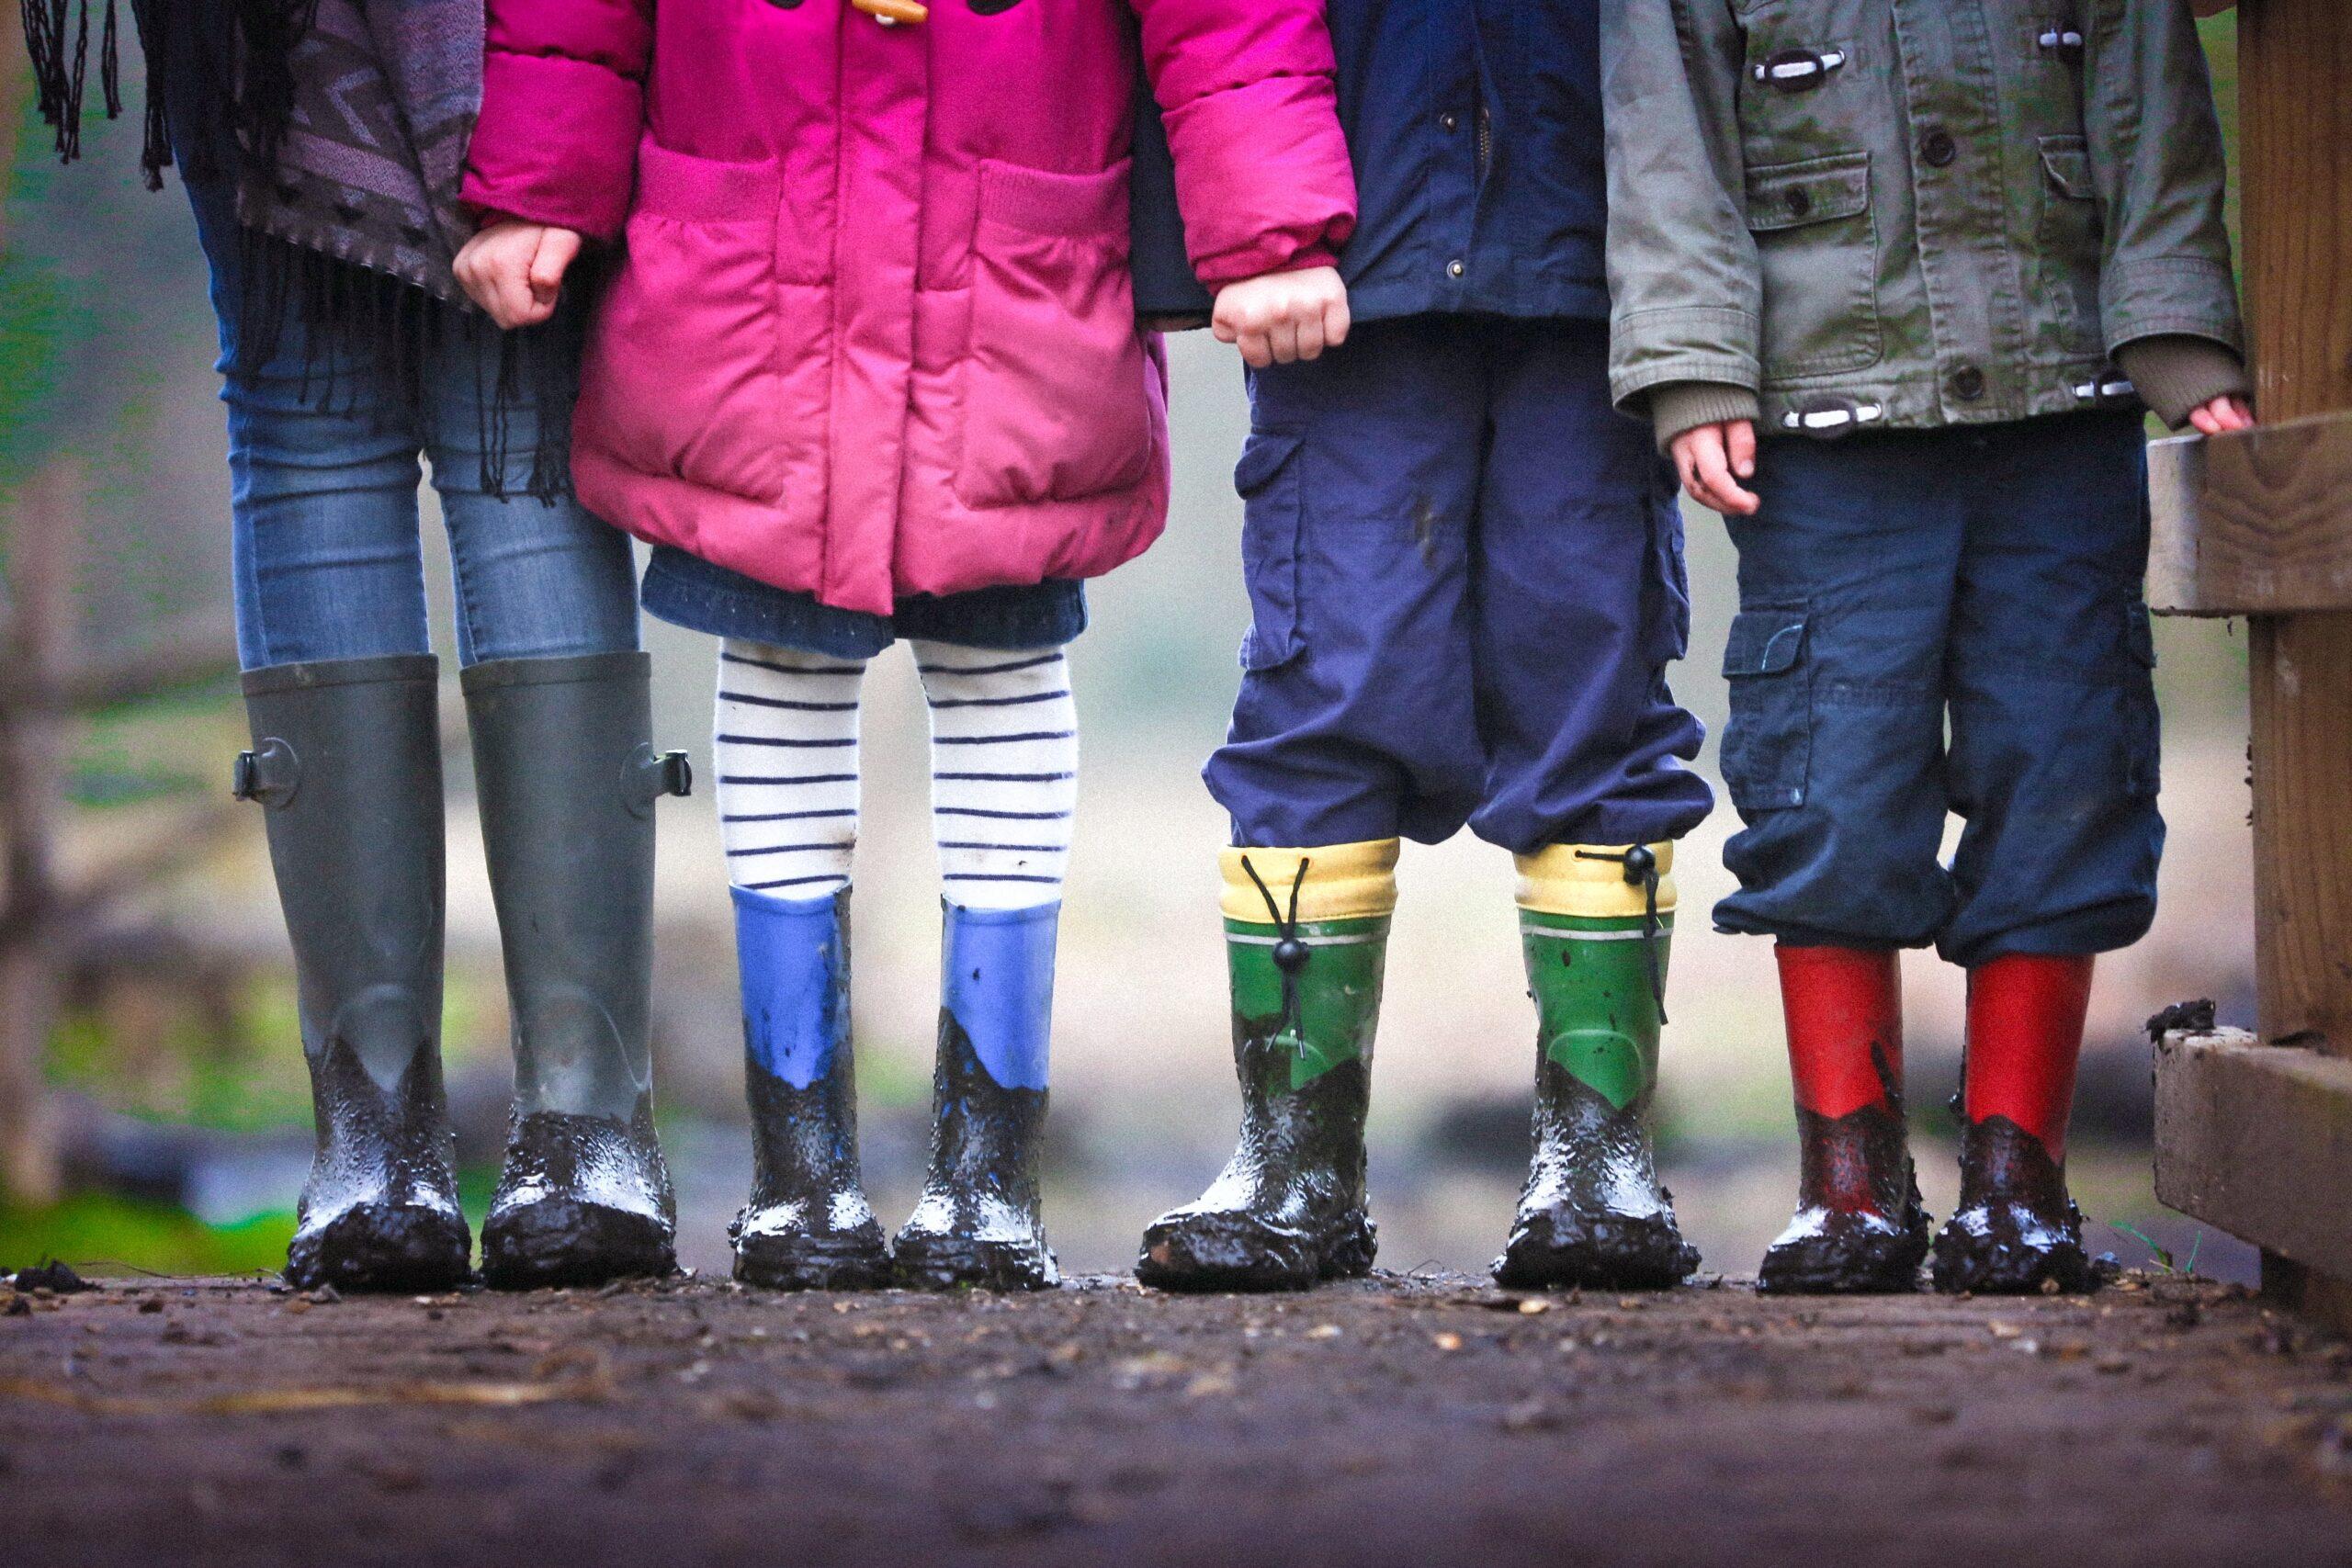 Miként járjunk el a gyerek oltásra buzdító iskolaigazgatók és hivatalnokok intézkedései nyomán